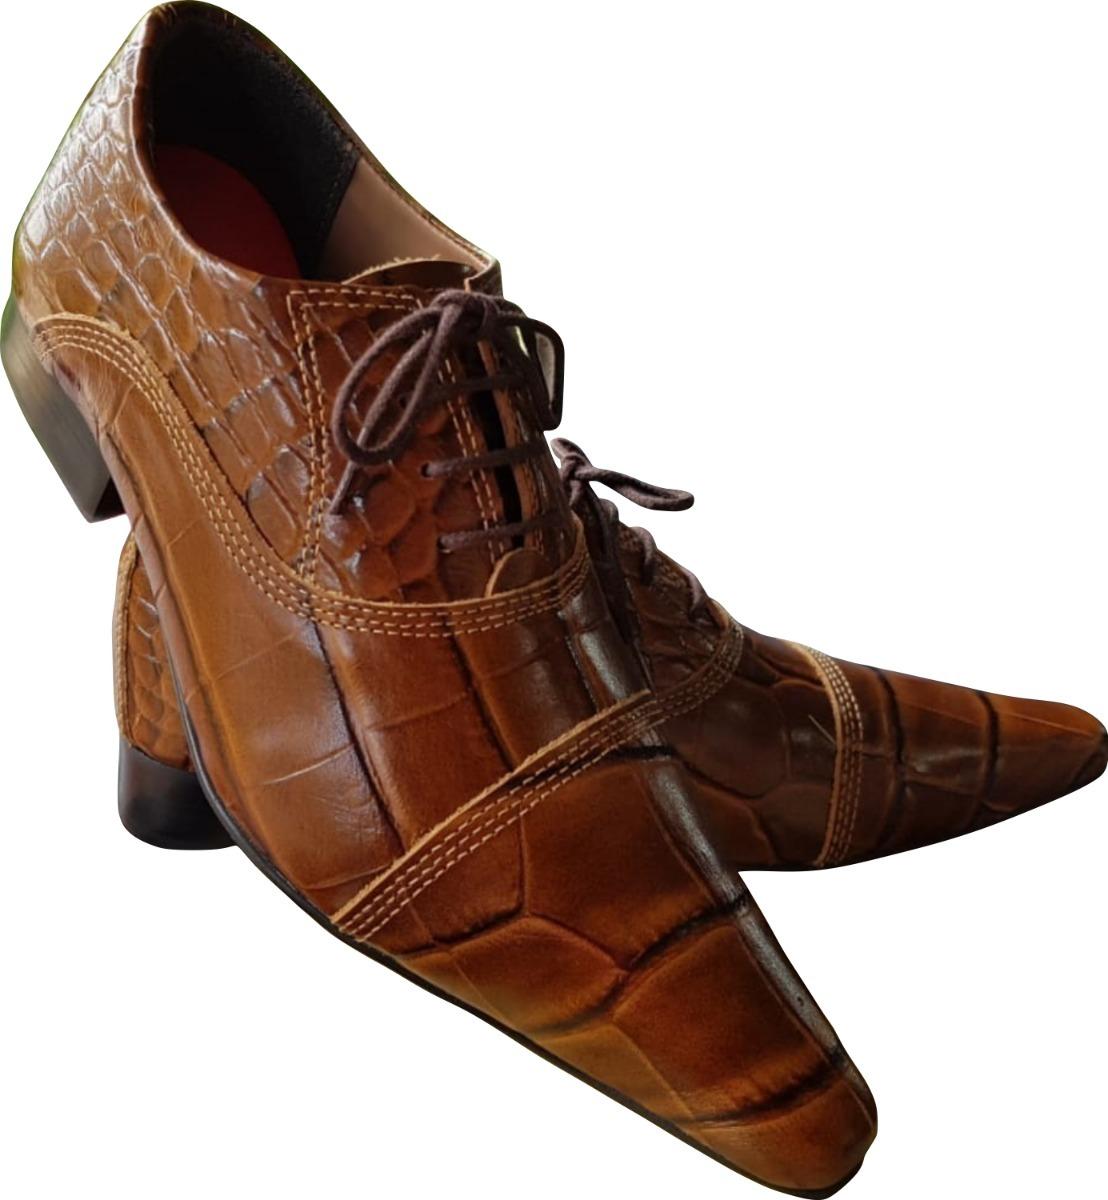 2b2d444d7 Sapato Masculino Em Couro De Jacare Marrom Ref: 644 - R$ 289,90 em ...